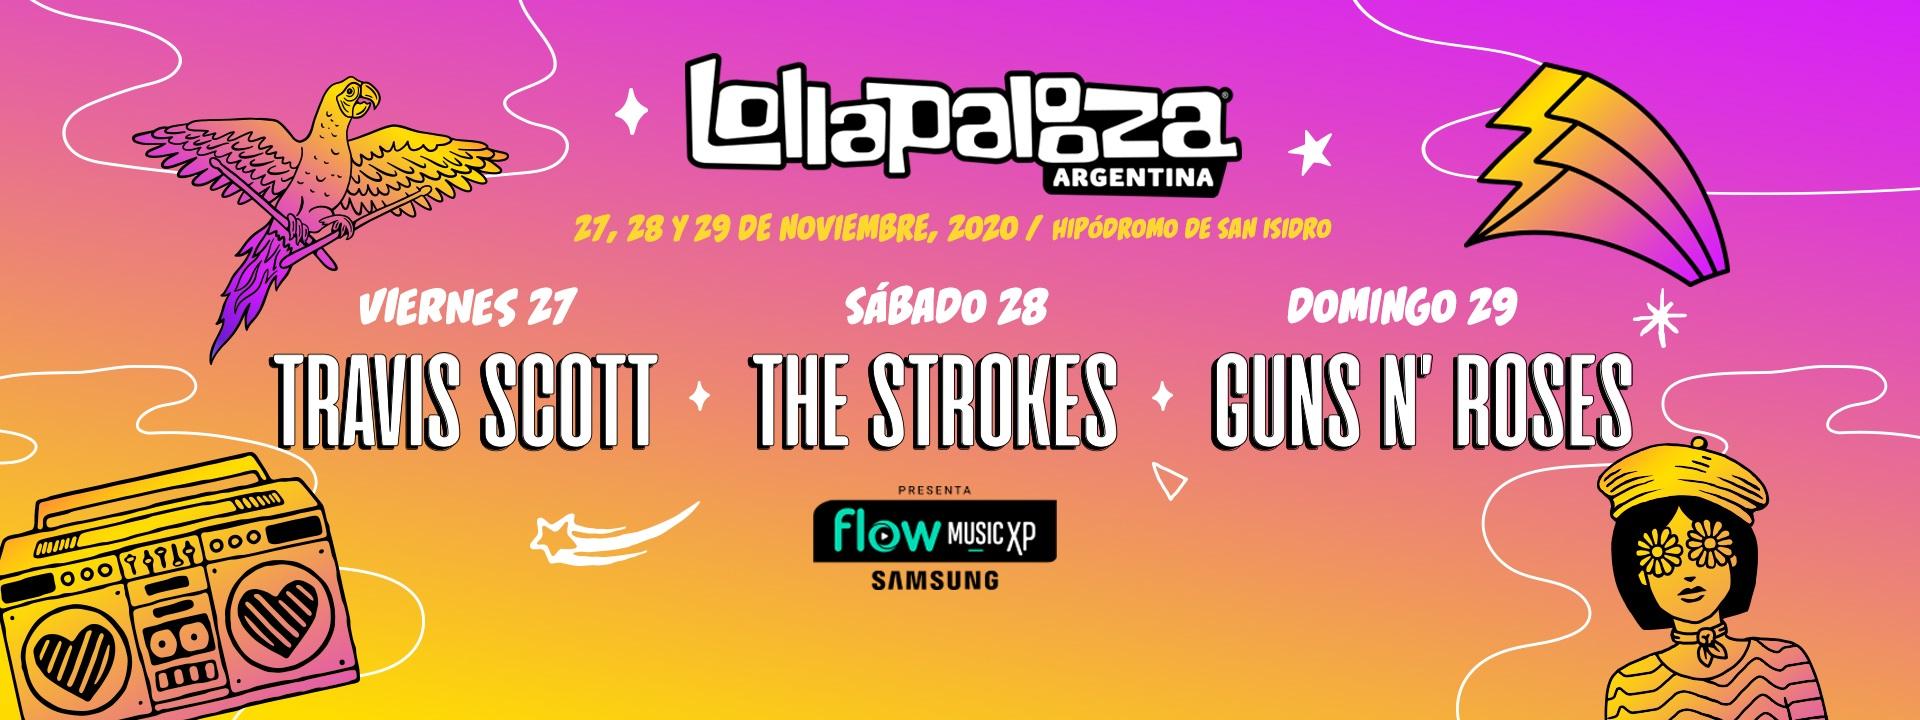 Lollapalooza 2020 - 27, 28 y 29 de Noviembre